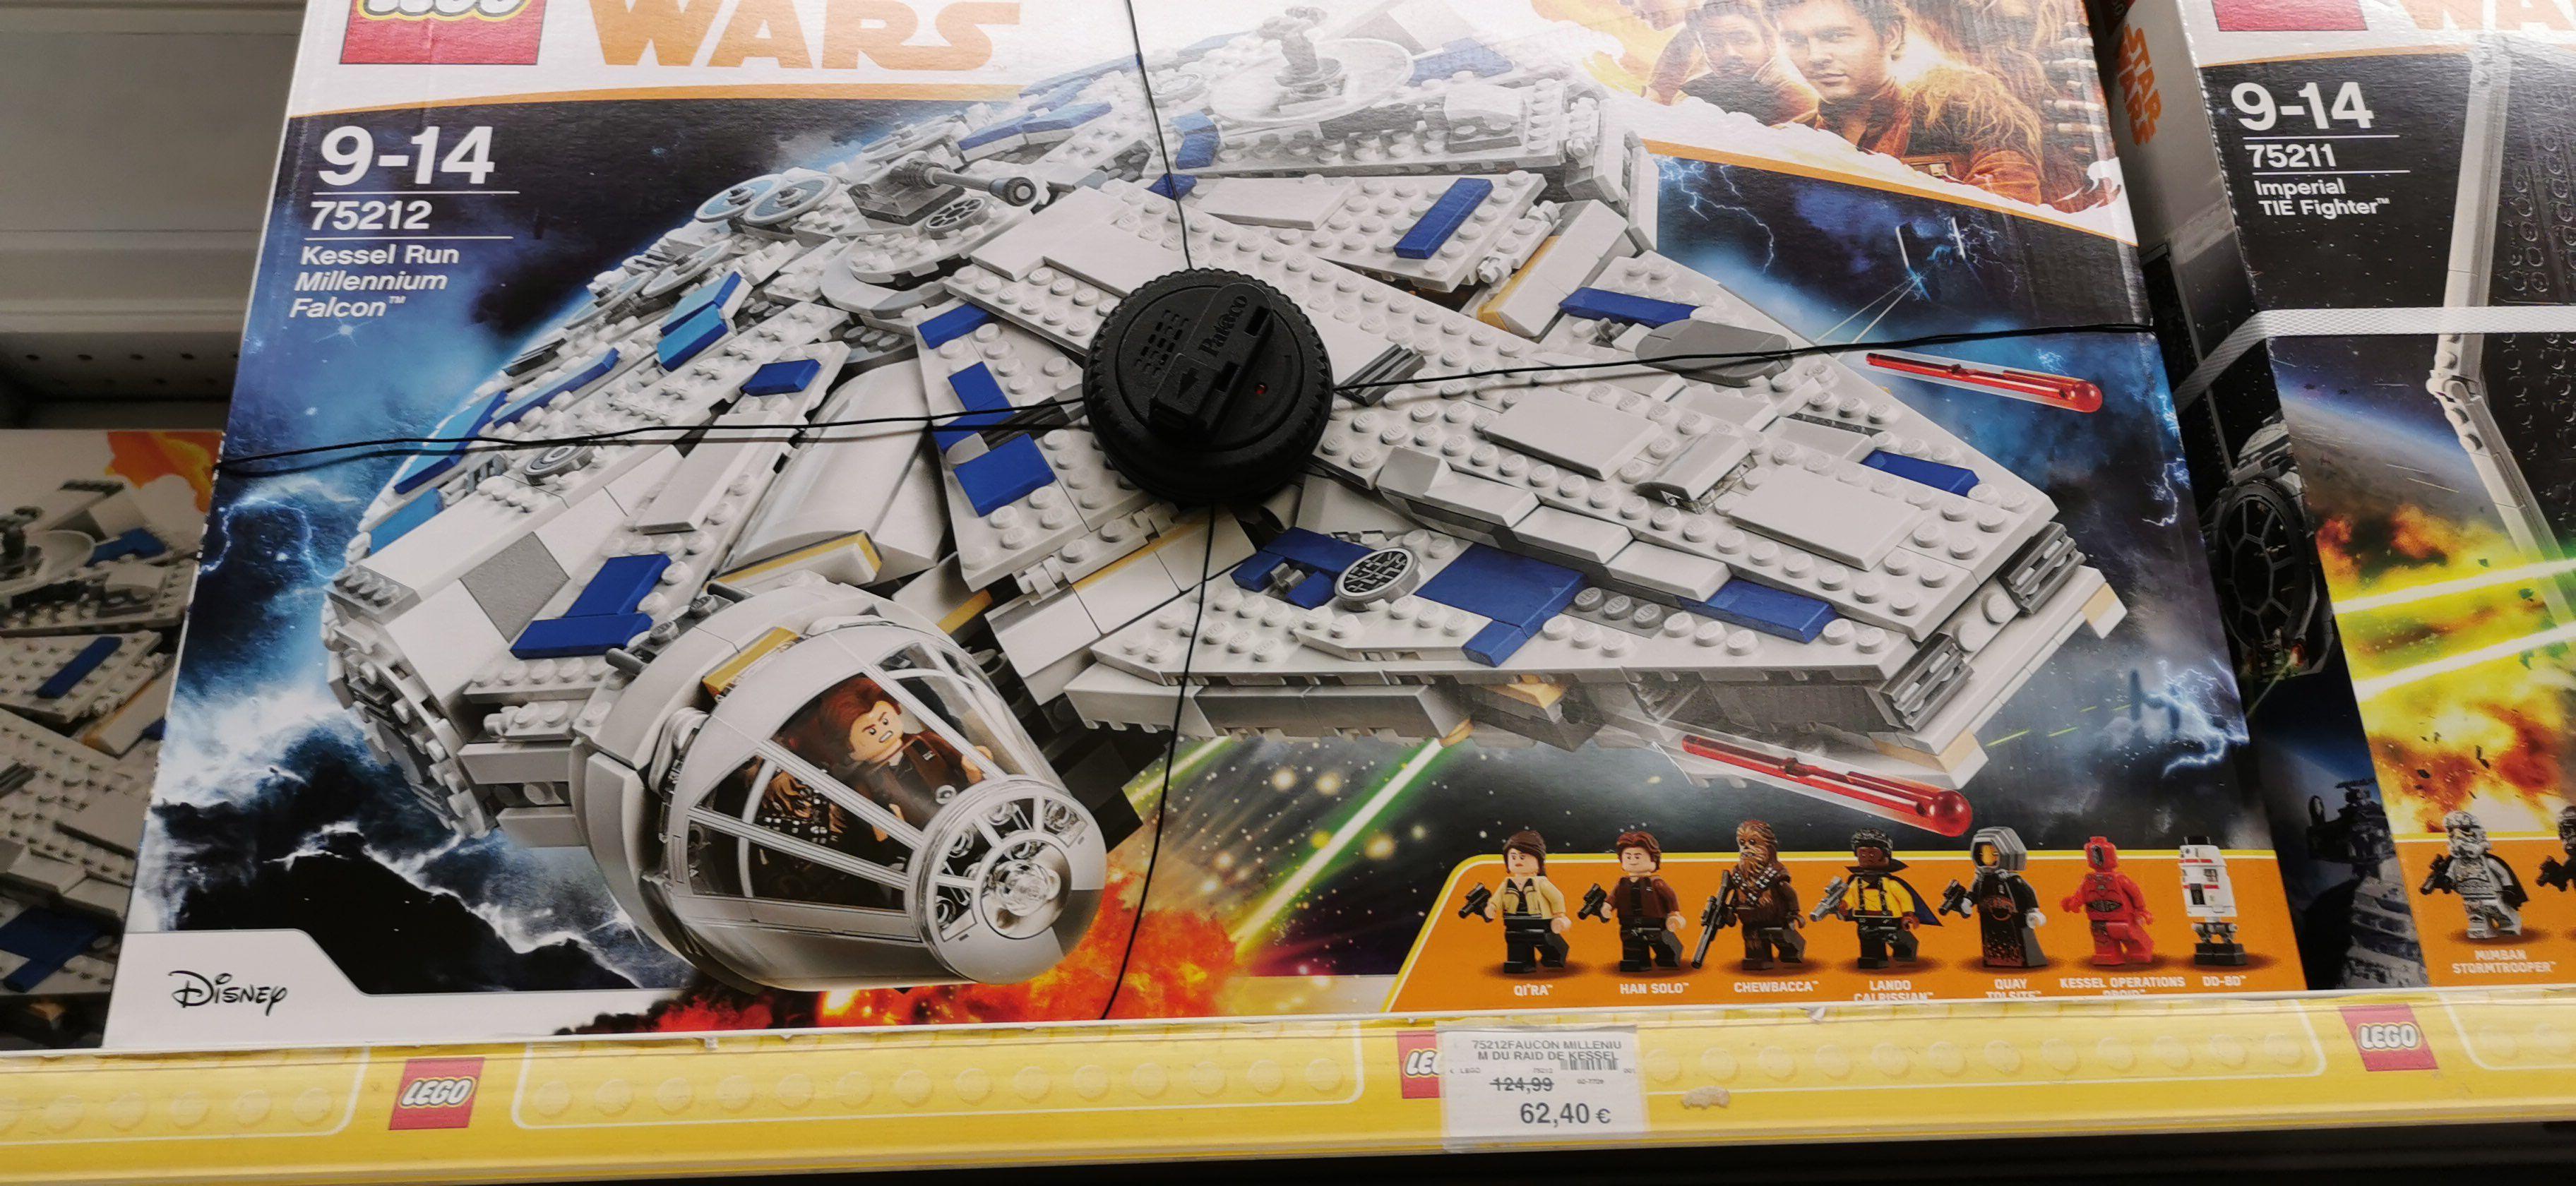 Jeu de construction Lego faucon millénium de Raid n°75212 - Toys'r'us Millénaire Aubervilliers (93)